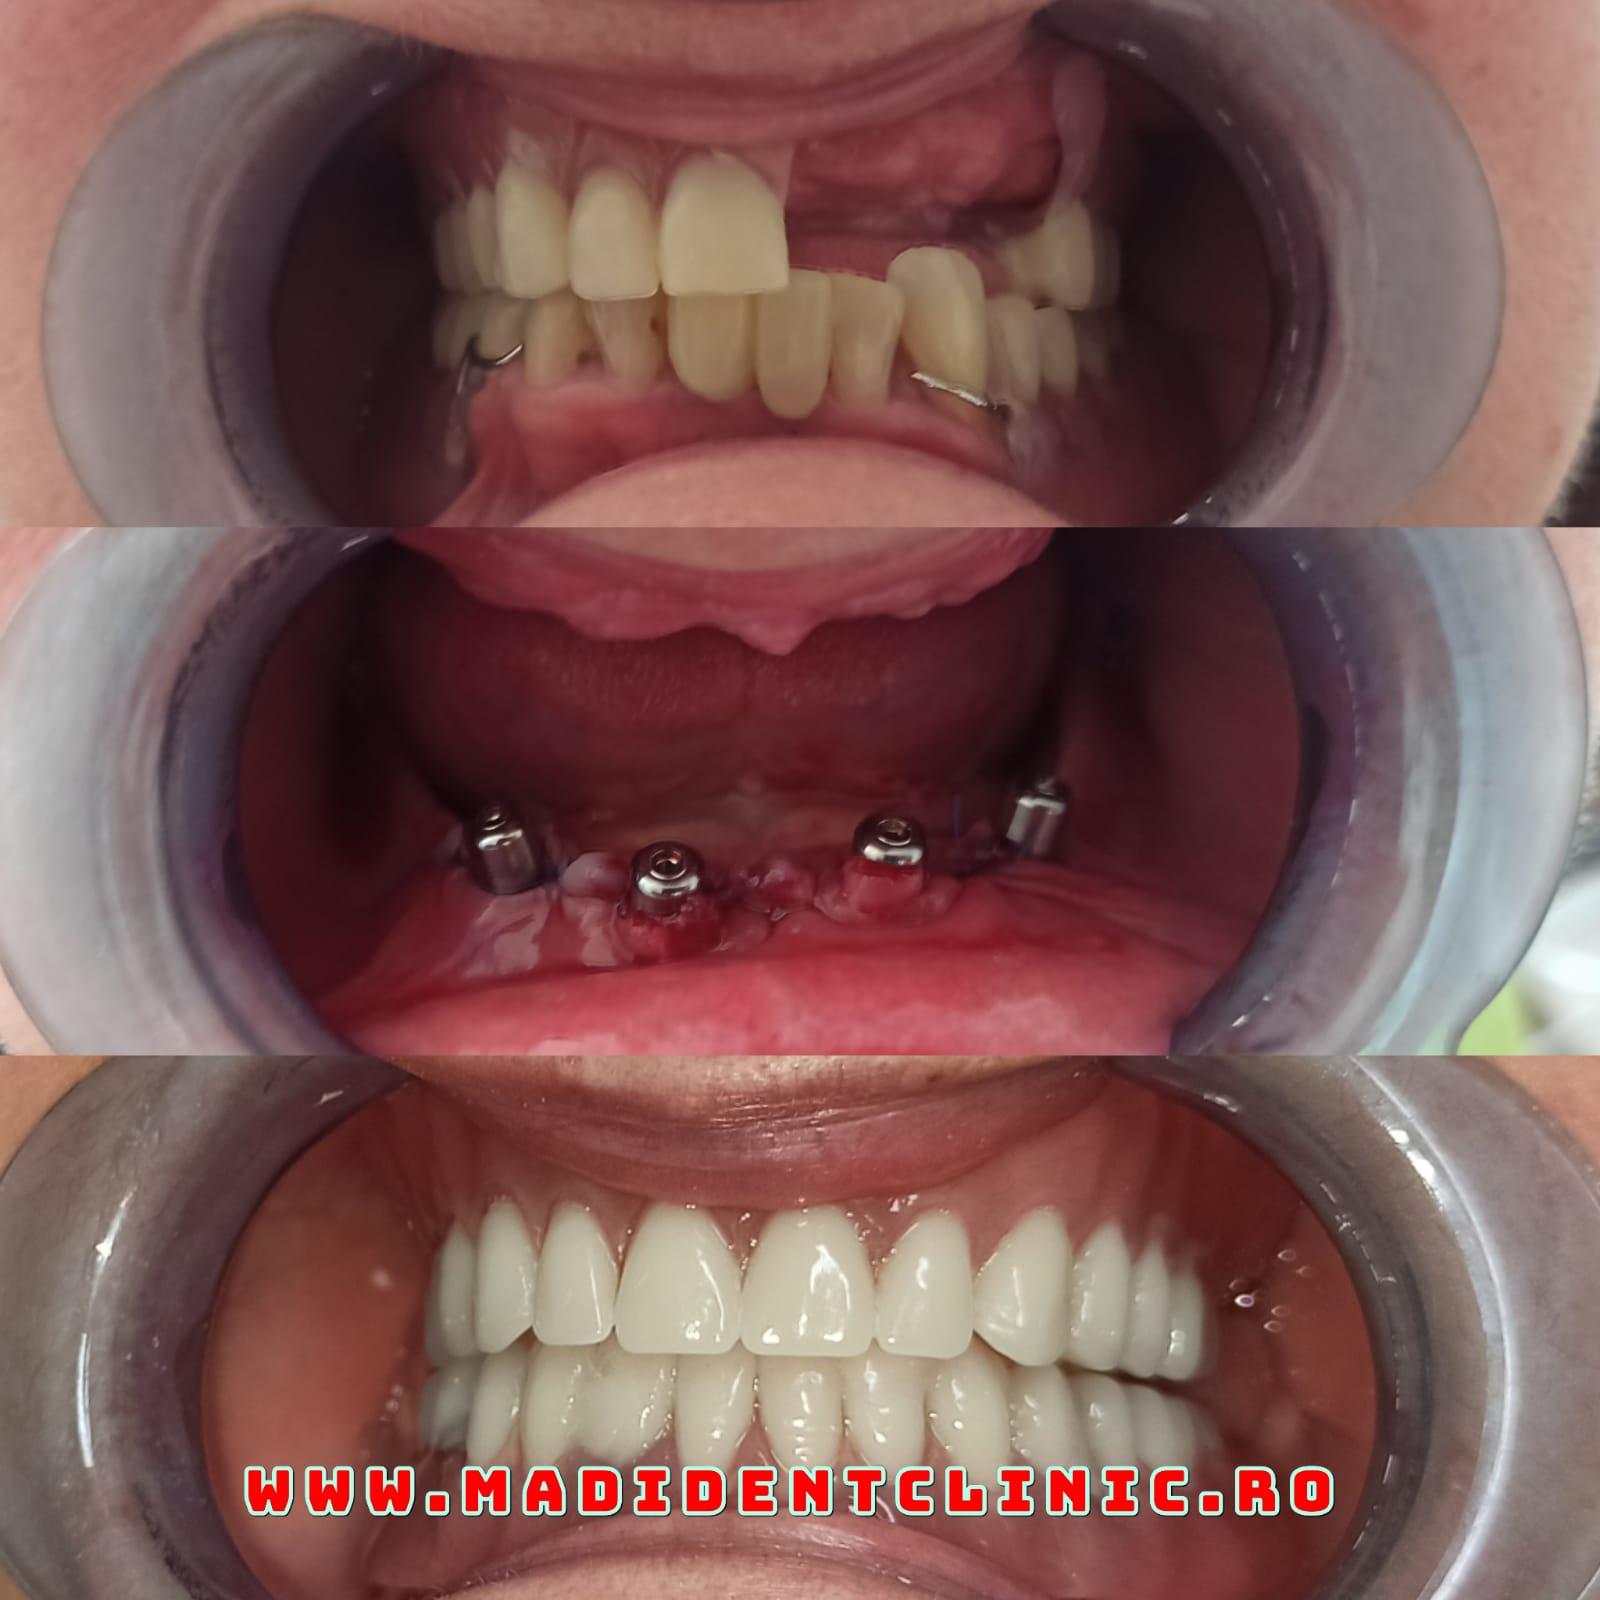 De ce este importantă provizoria în implantologia orală?